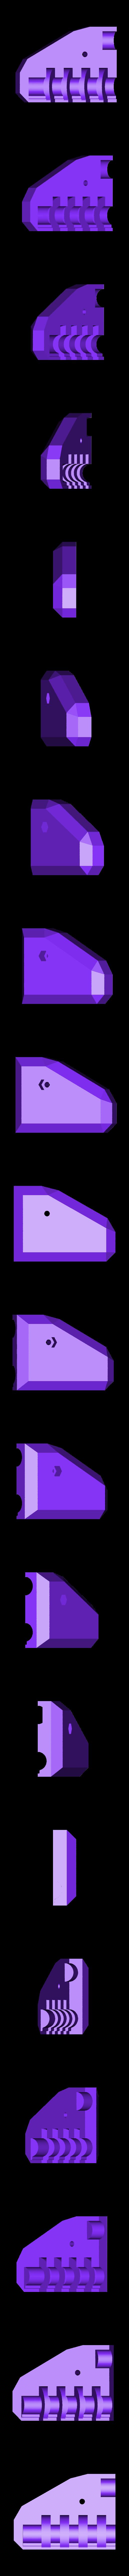 4Bottom.stl Télécharger fichier STL gratuit Kit de verrouillage de permutation personnalisable (verrouillage à combinaison) • Objet pour impression 3D, plasticpasta